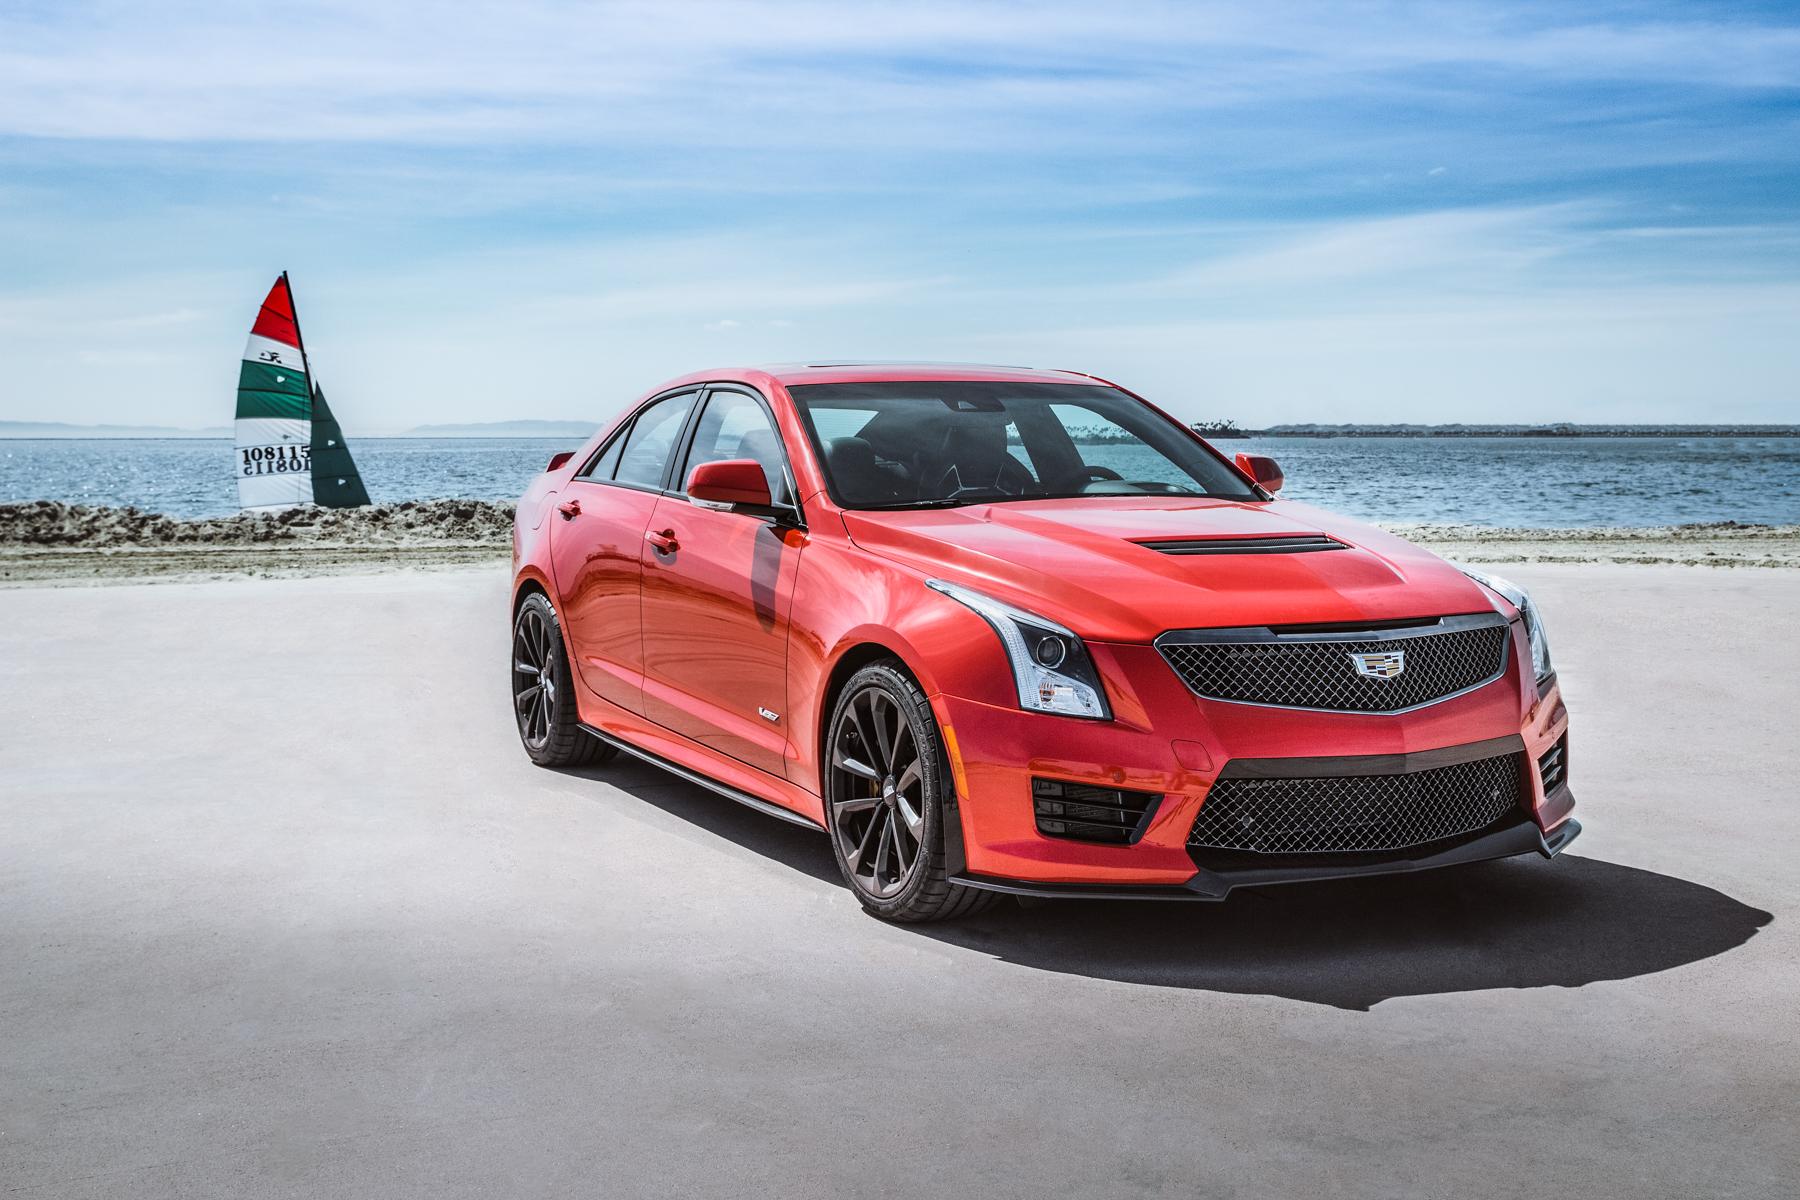 2017 Cadillac Ats V Review